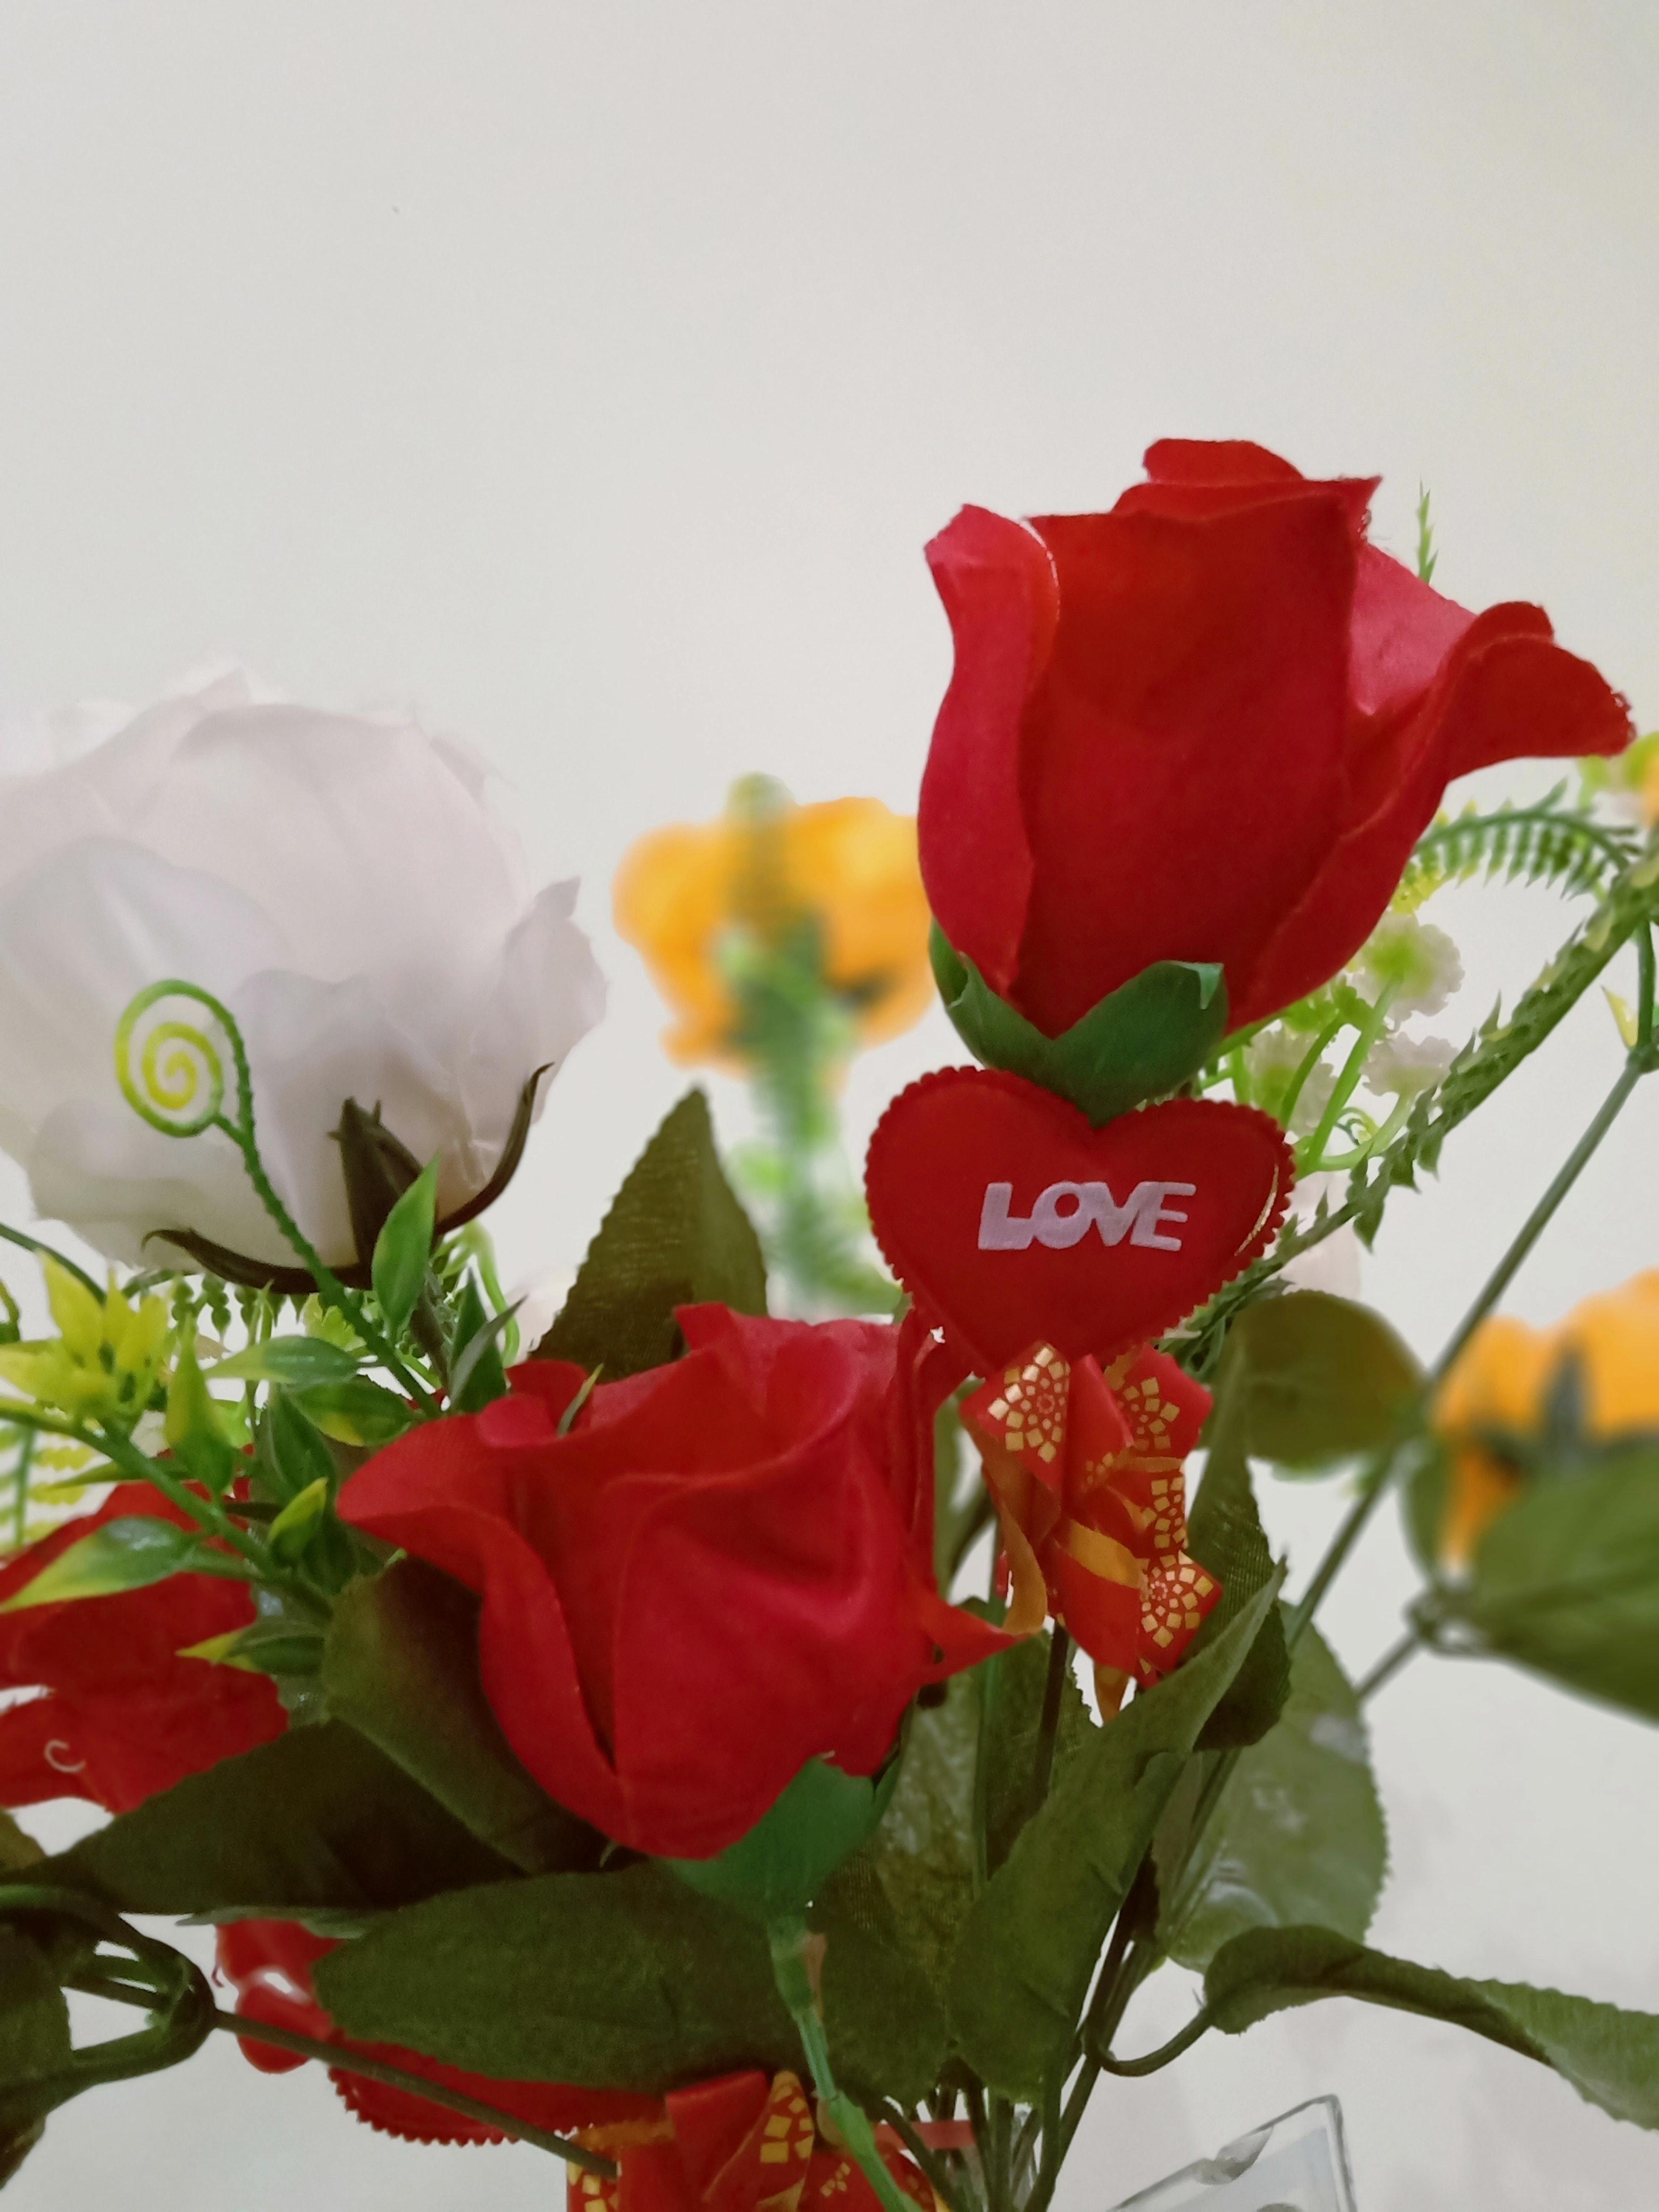 Photo Gratuite De Fleur D Amour Fond D Ecran Fleur